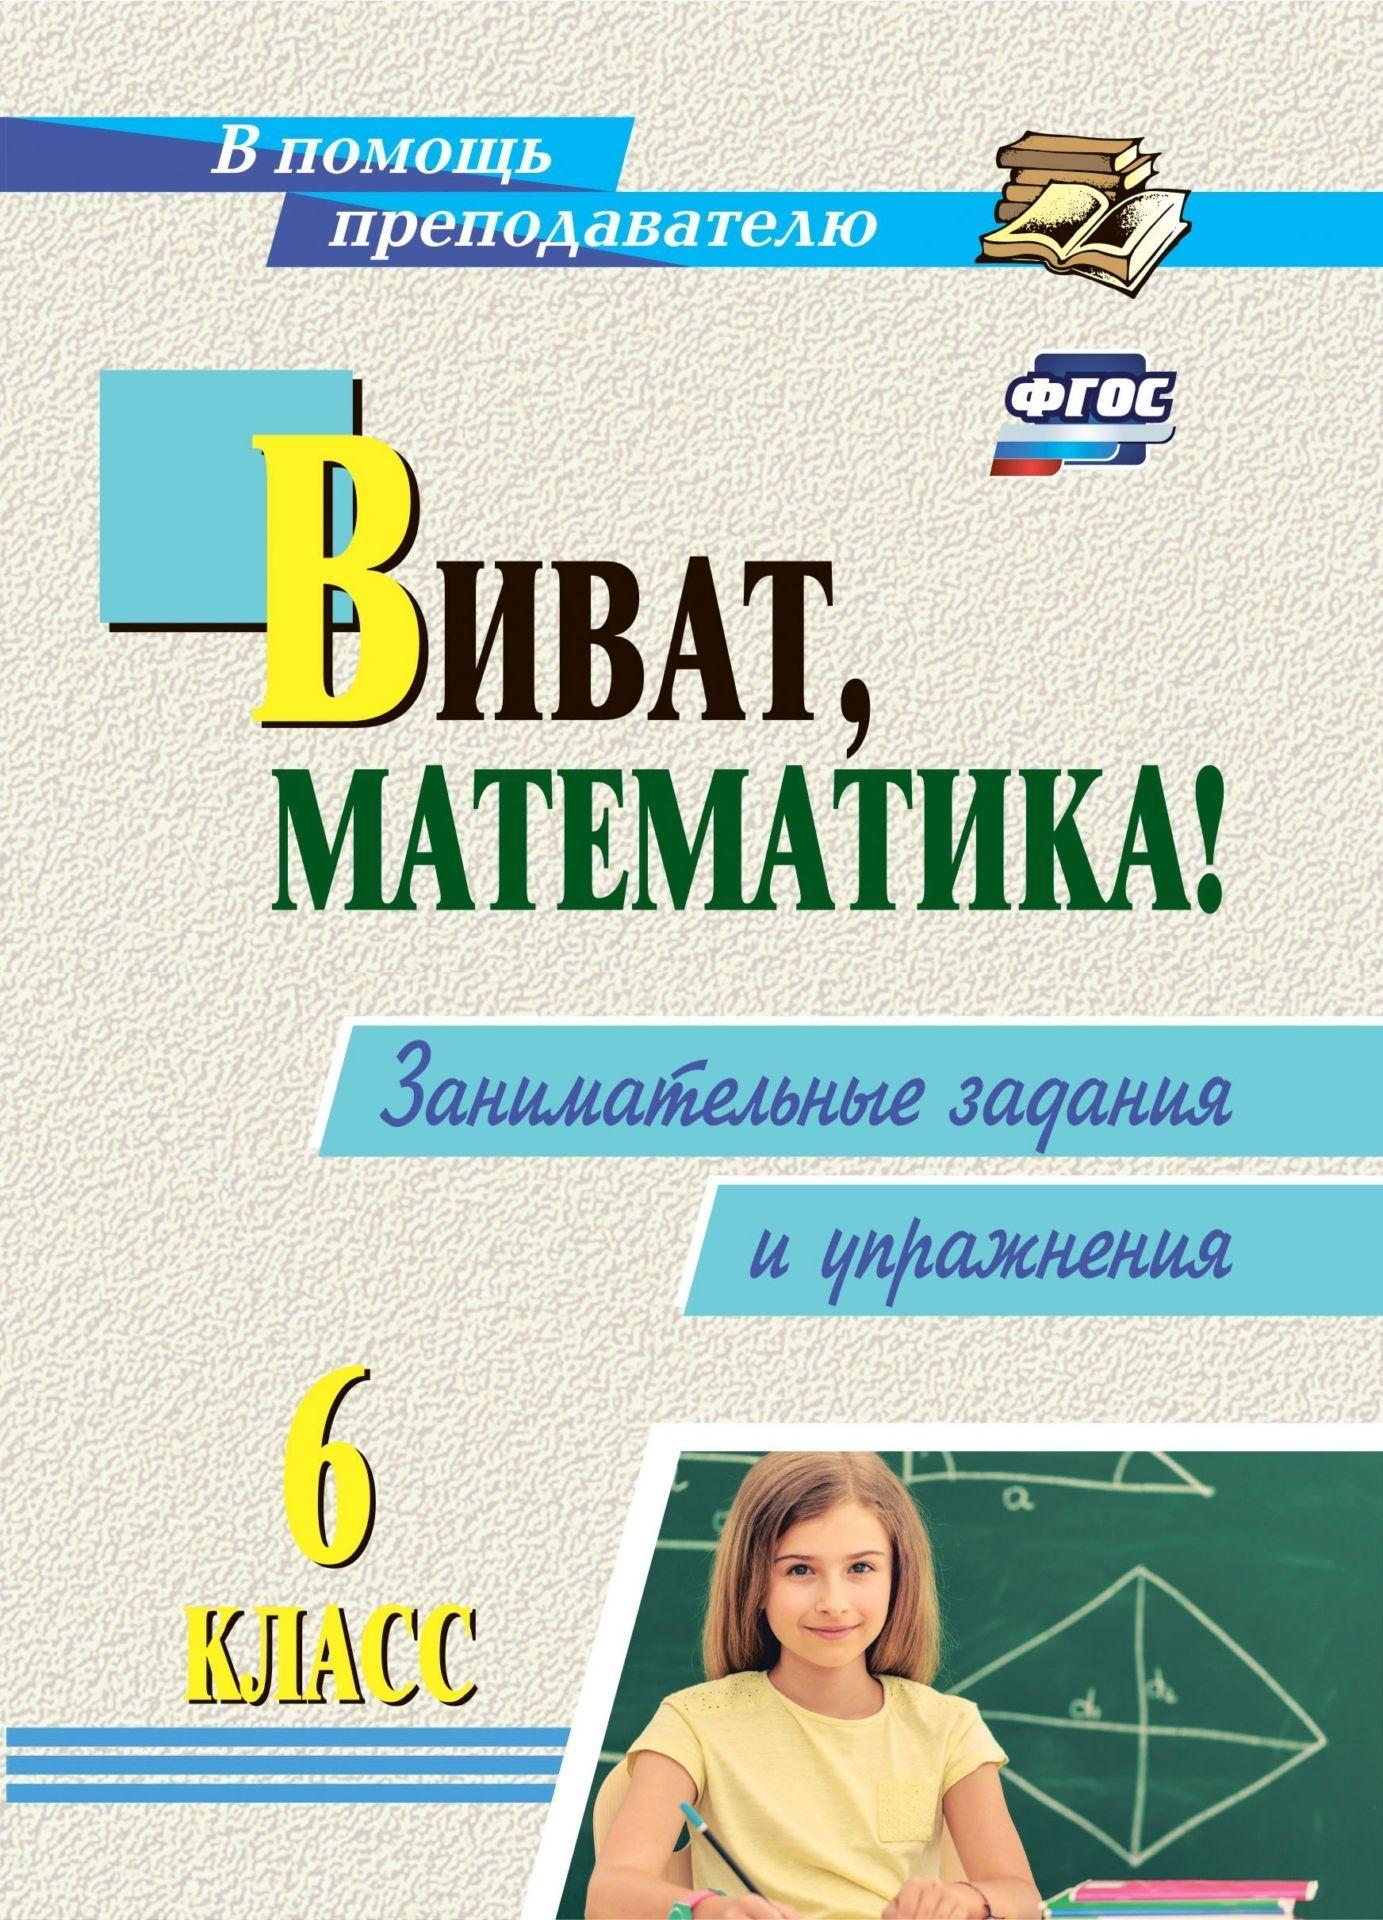 Виват, математика! Занимательные задания и упражнения. 6 класс